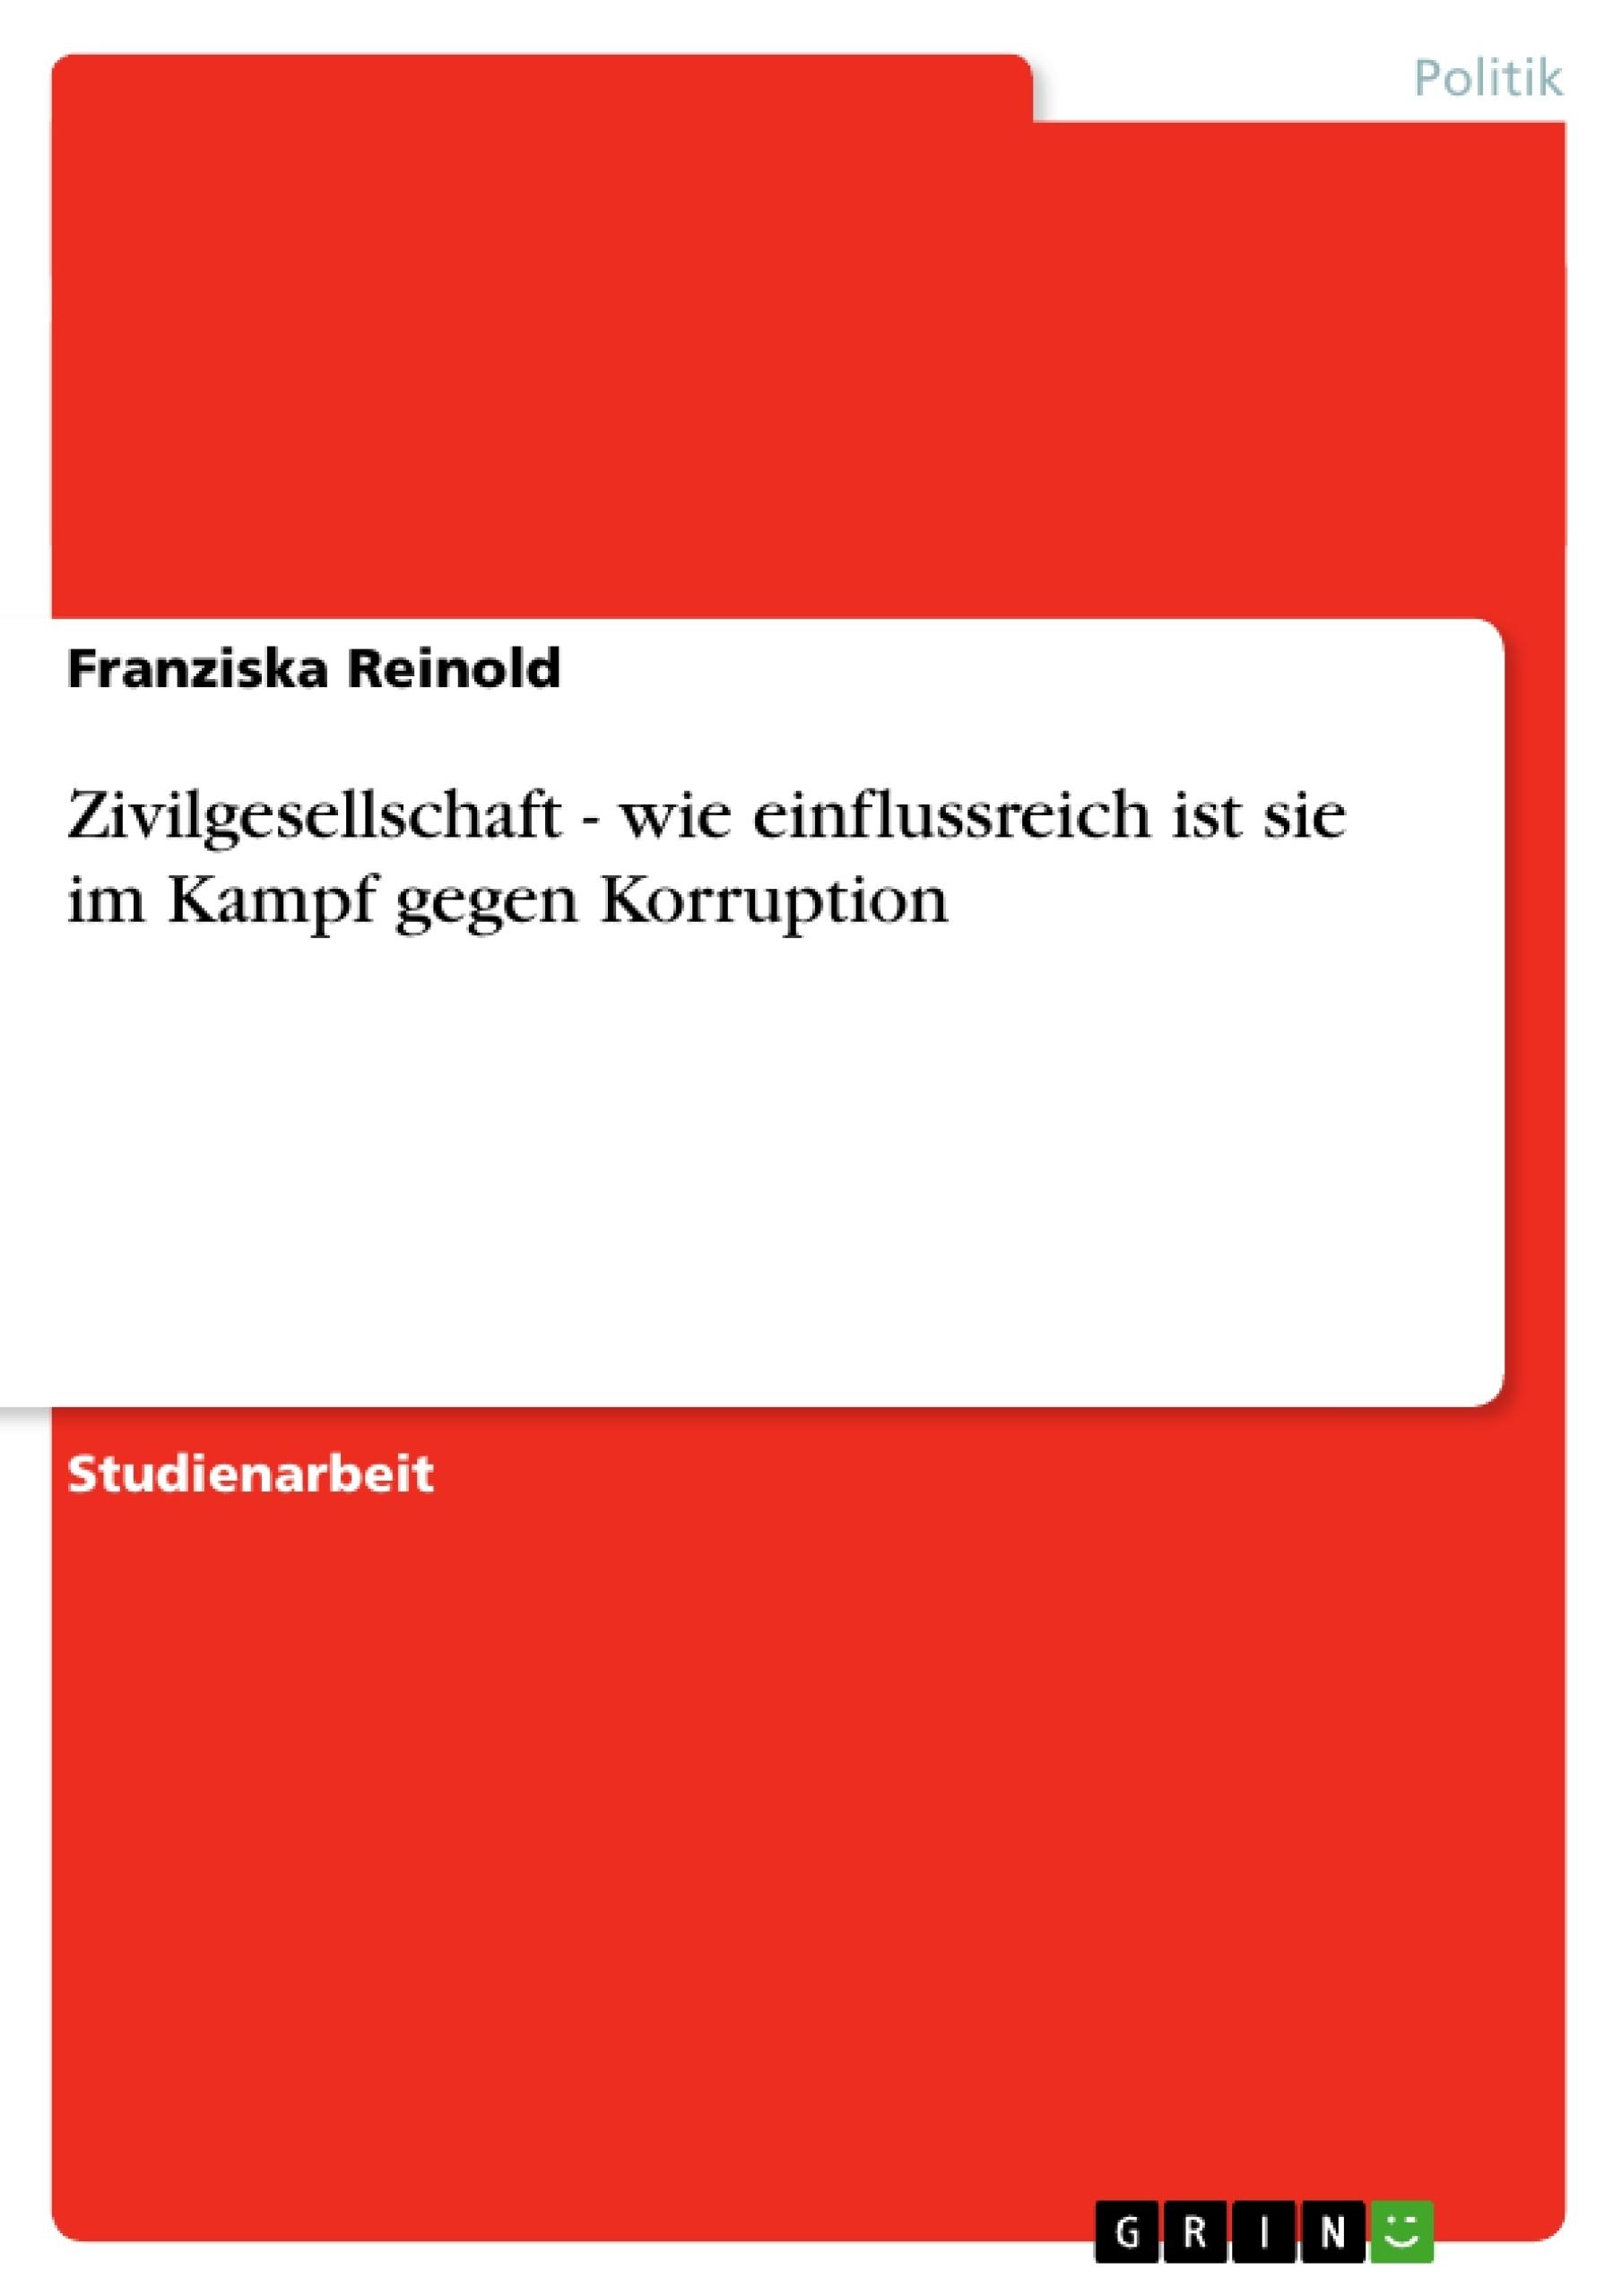 Titel: Zivilgesellschaft - wie einflussreich ist sie im Kampf gegen Korruption